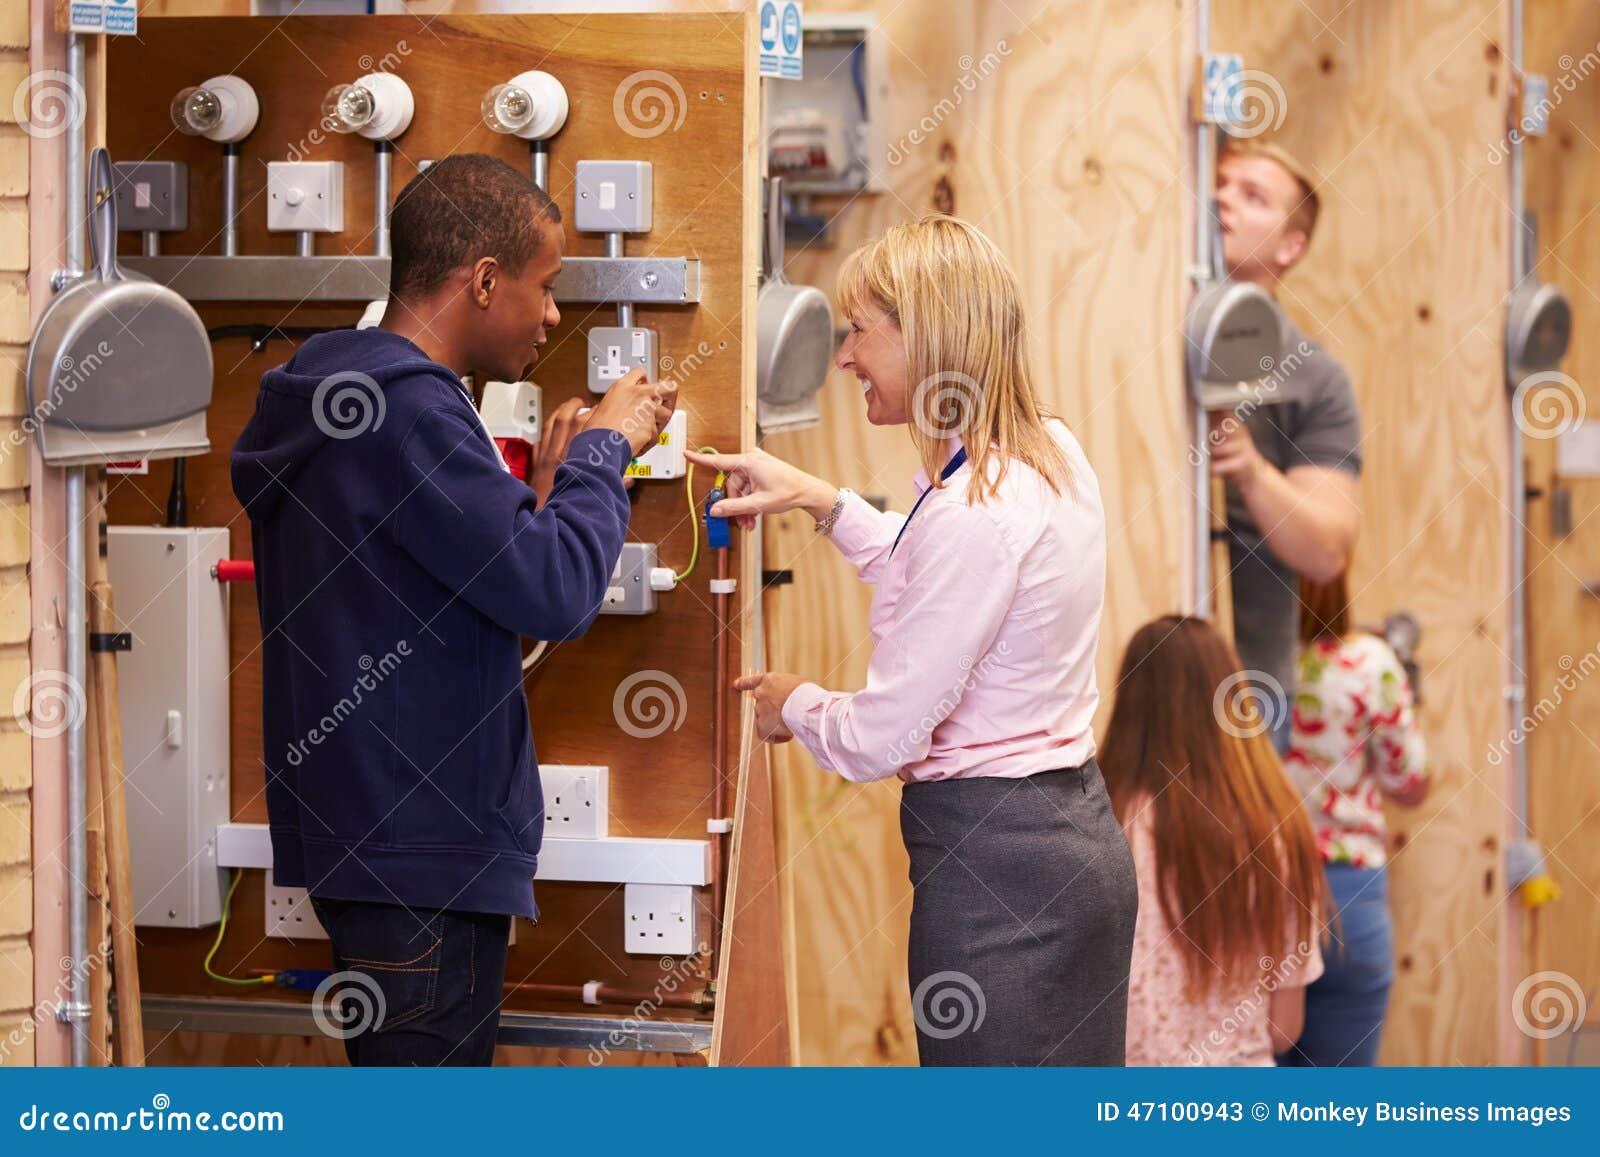 Professeur féminin Helping Students Training à être électriciens